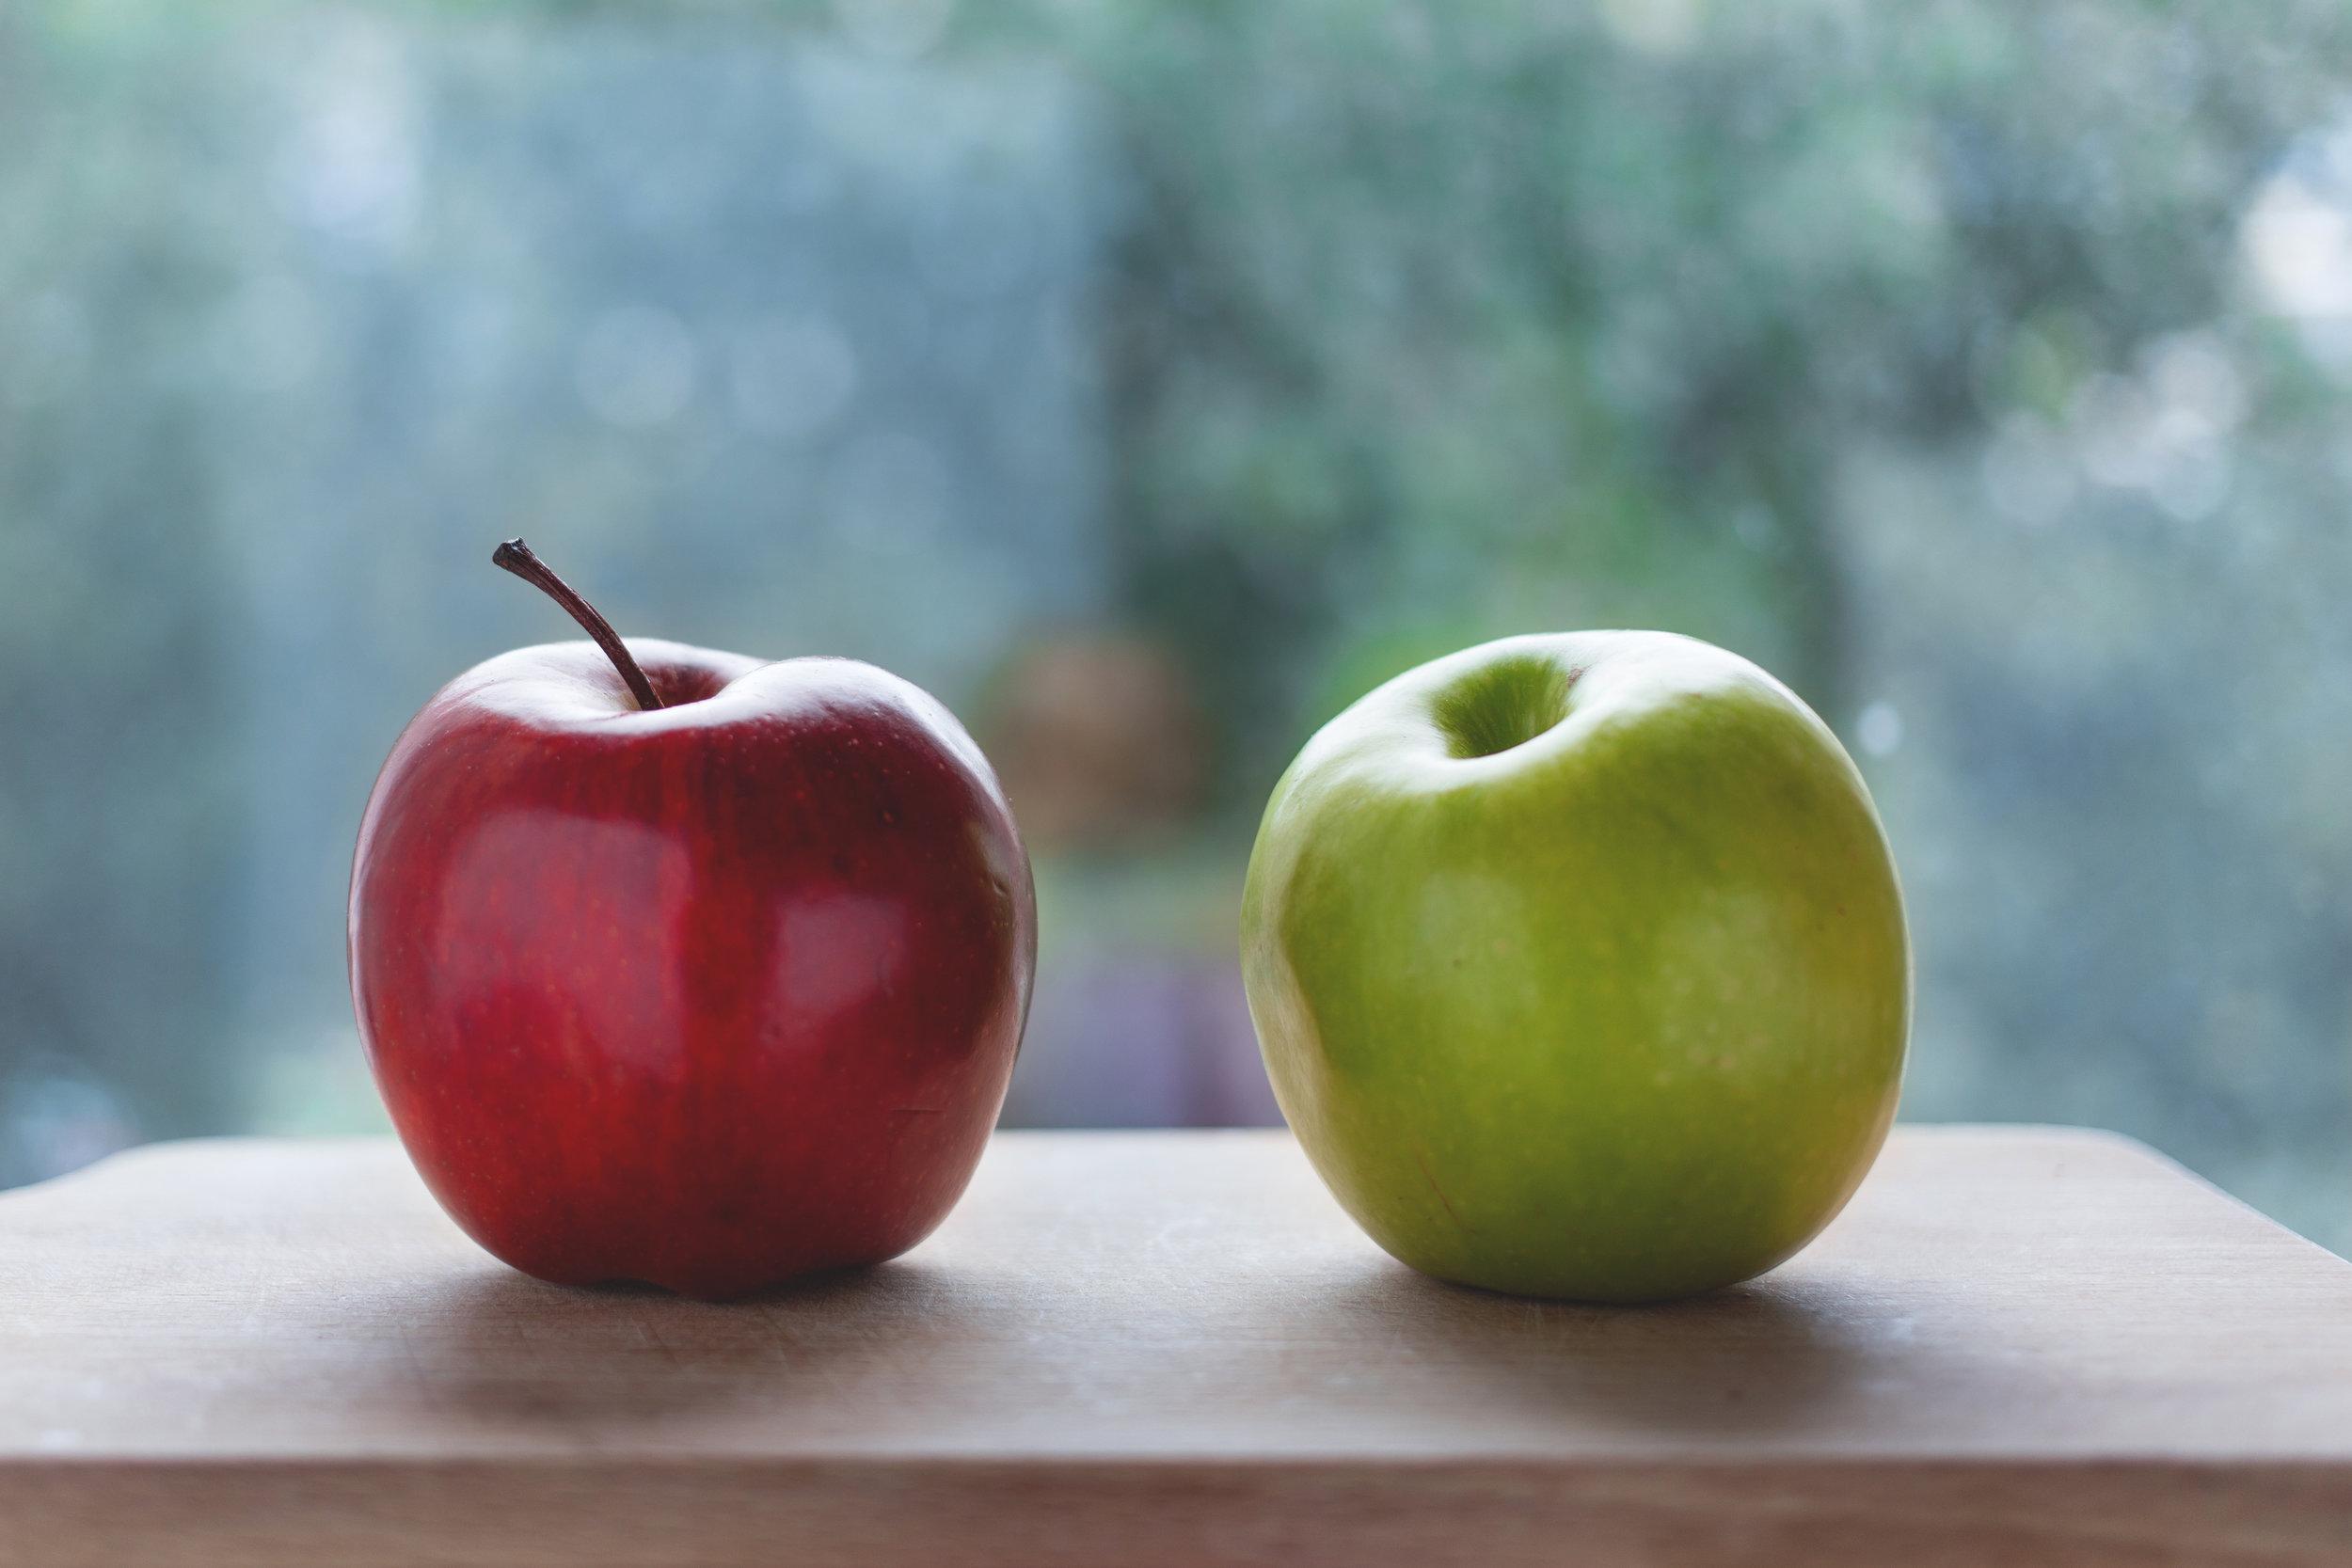 Product Comparison / Photo via pexels.com